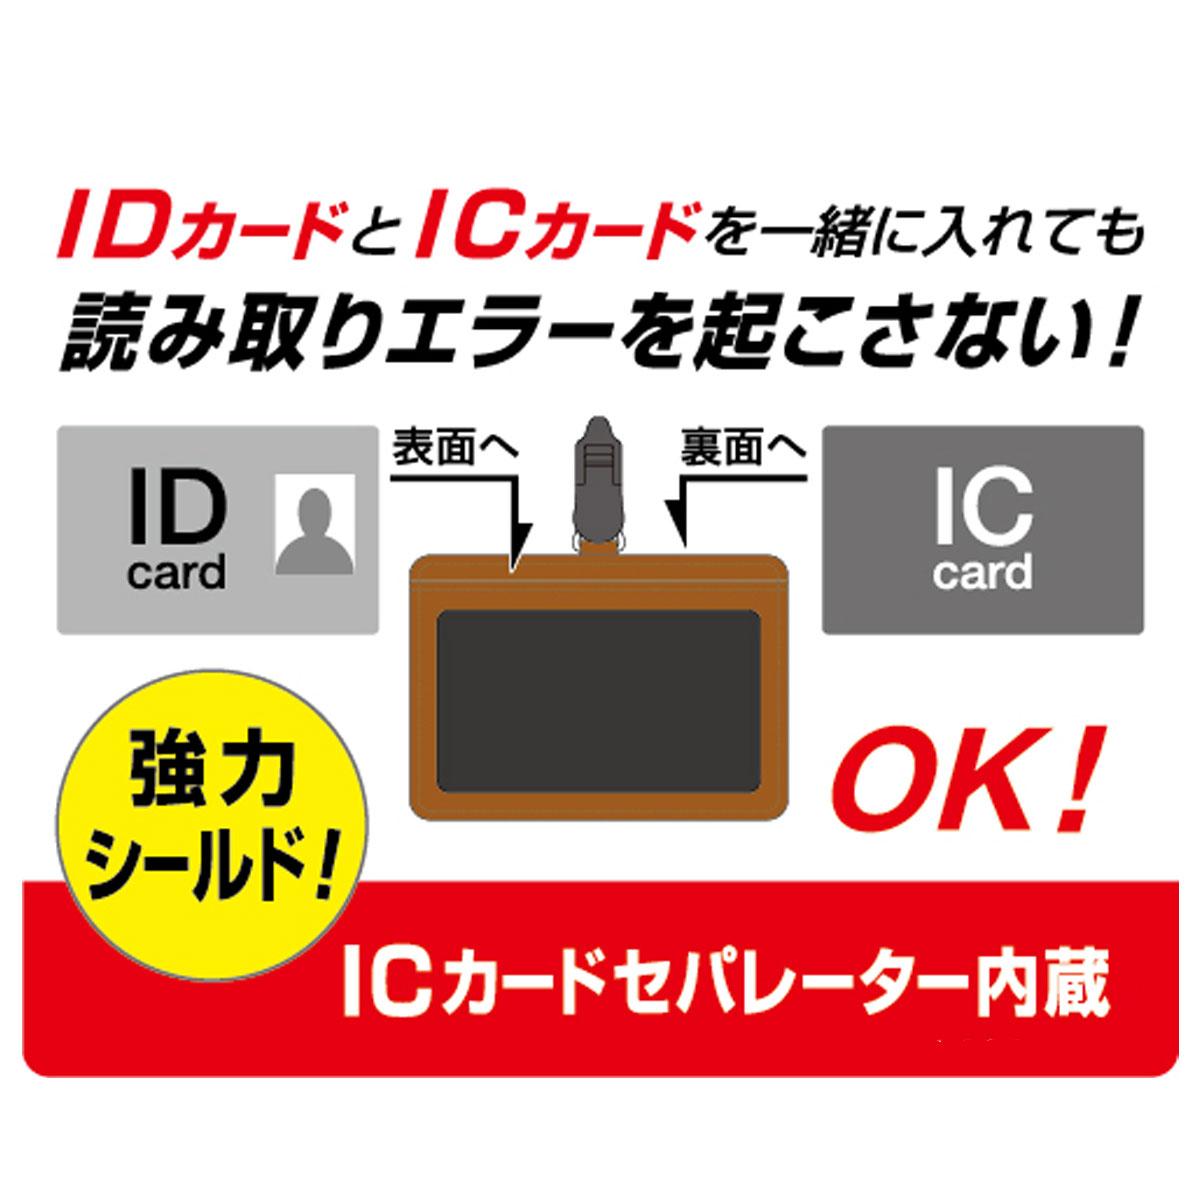 パイロット ICカードセパレーター内蔵 IDカードケース Colorim PERKY